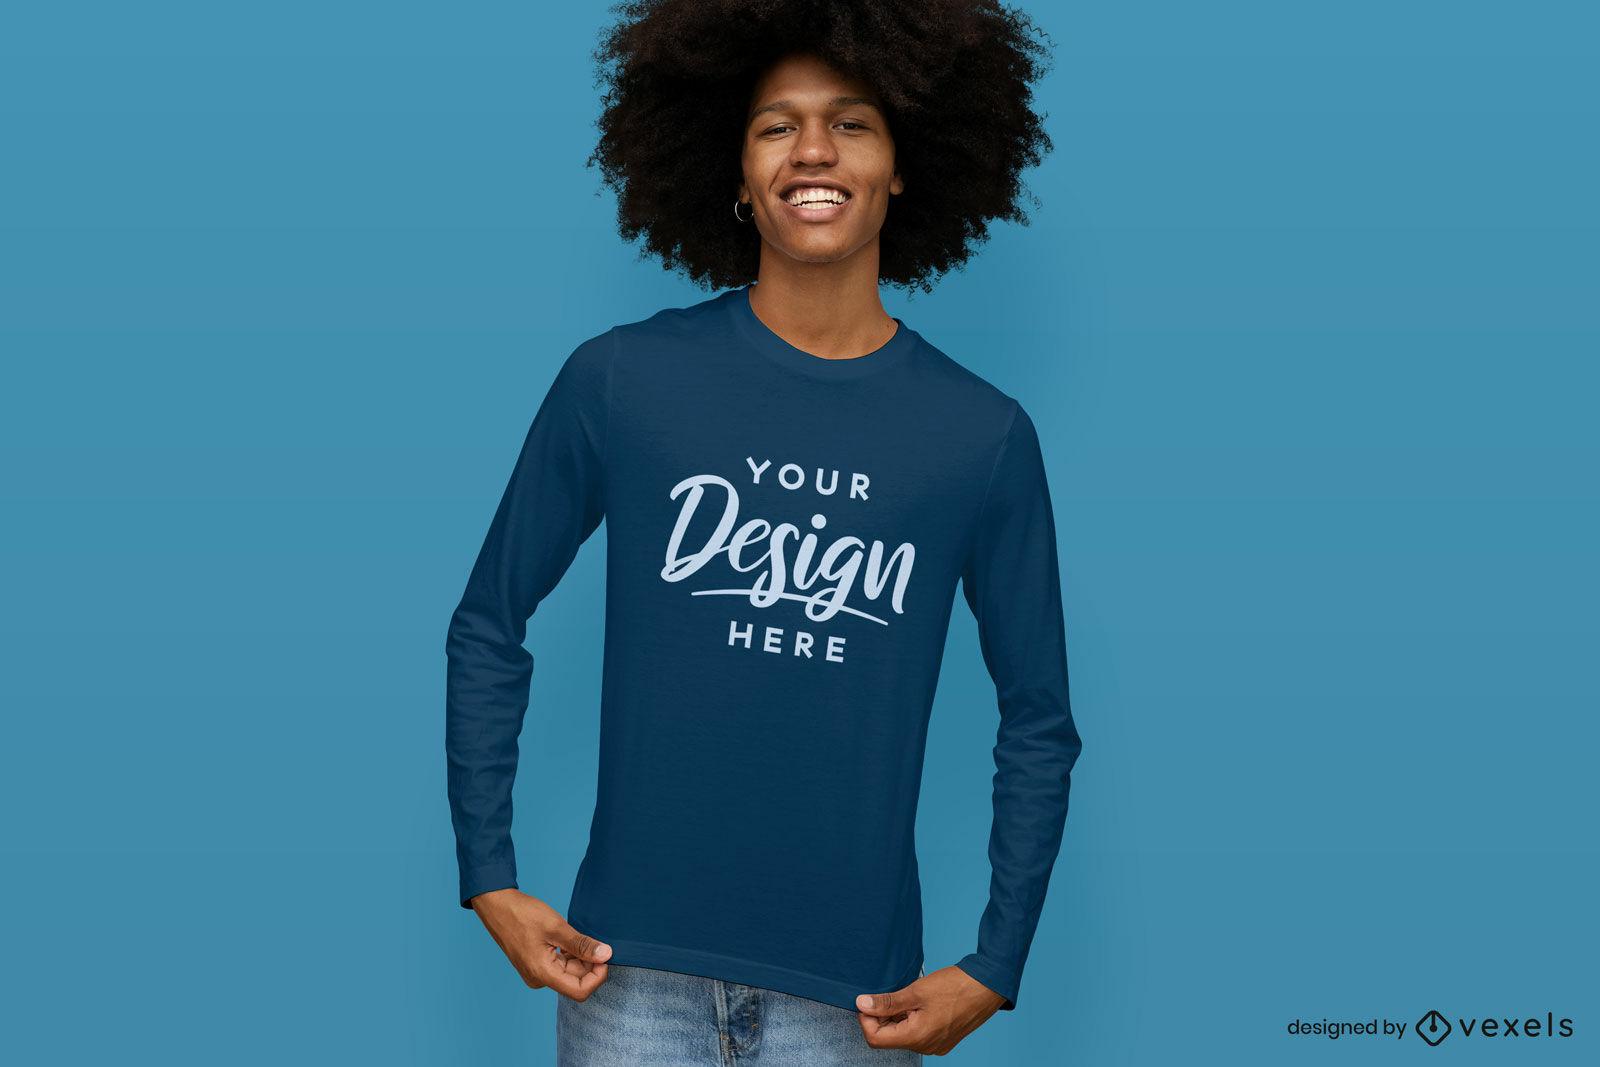 Maquete de camiseta de manga comprida azul com fundo azul